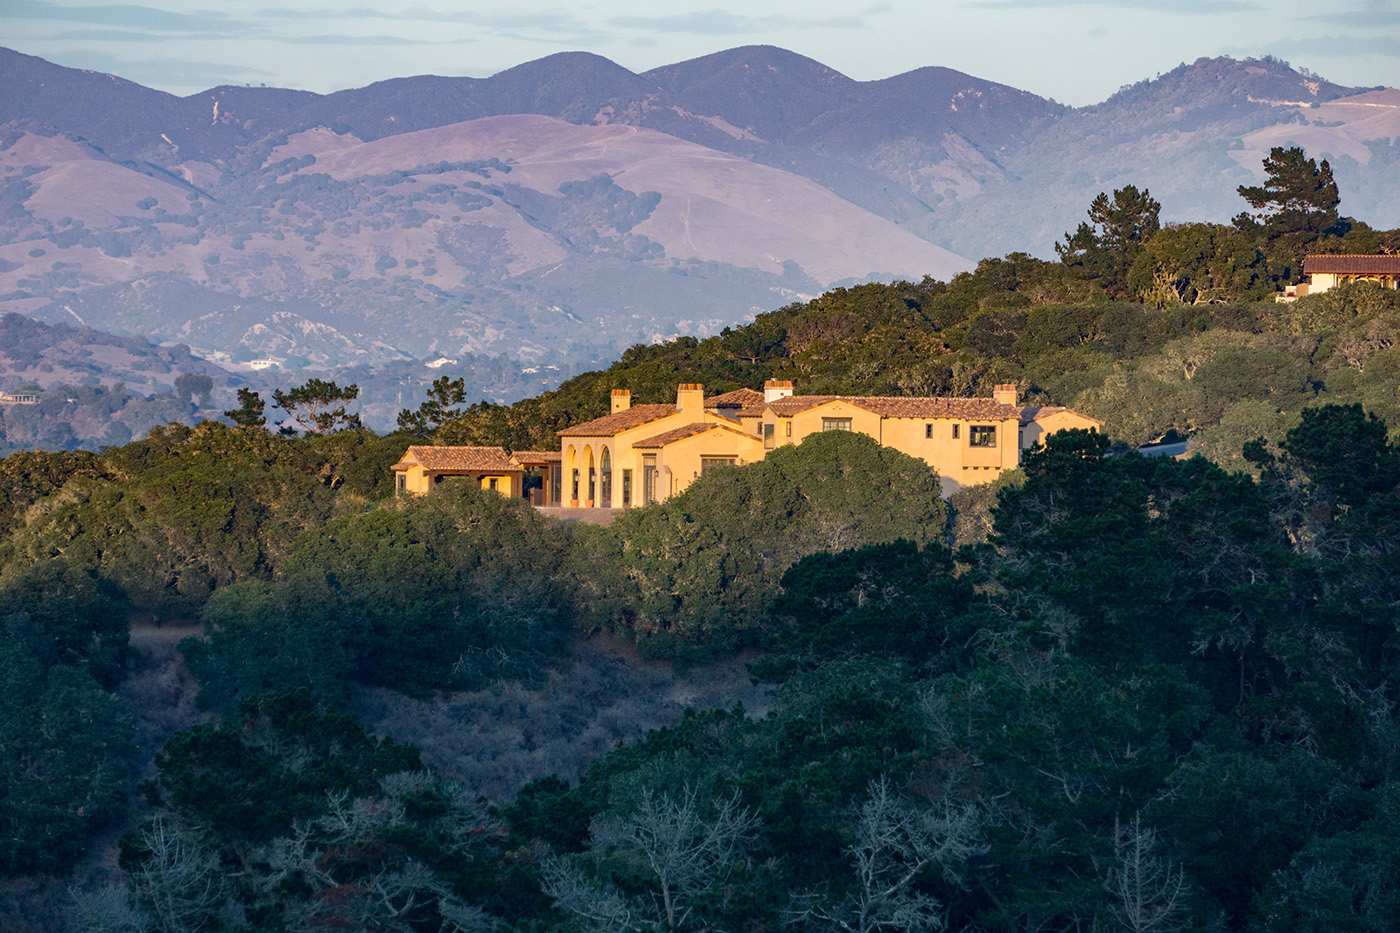 1 Kraft Residence - context-rolling hillsides of Monterra.jpg